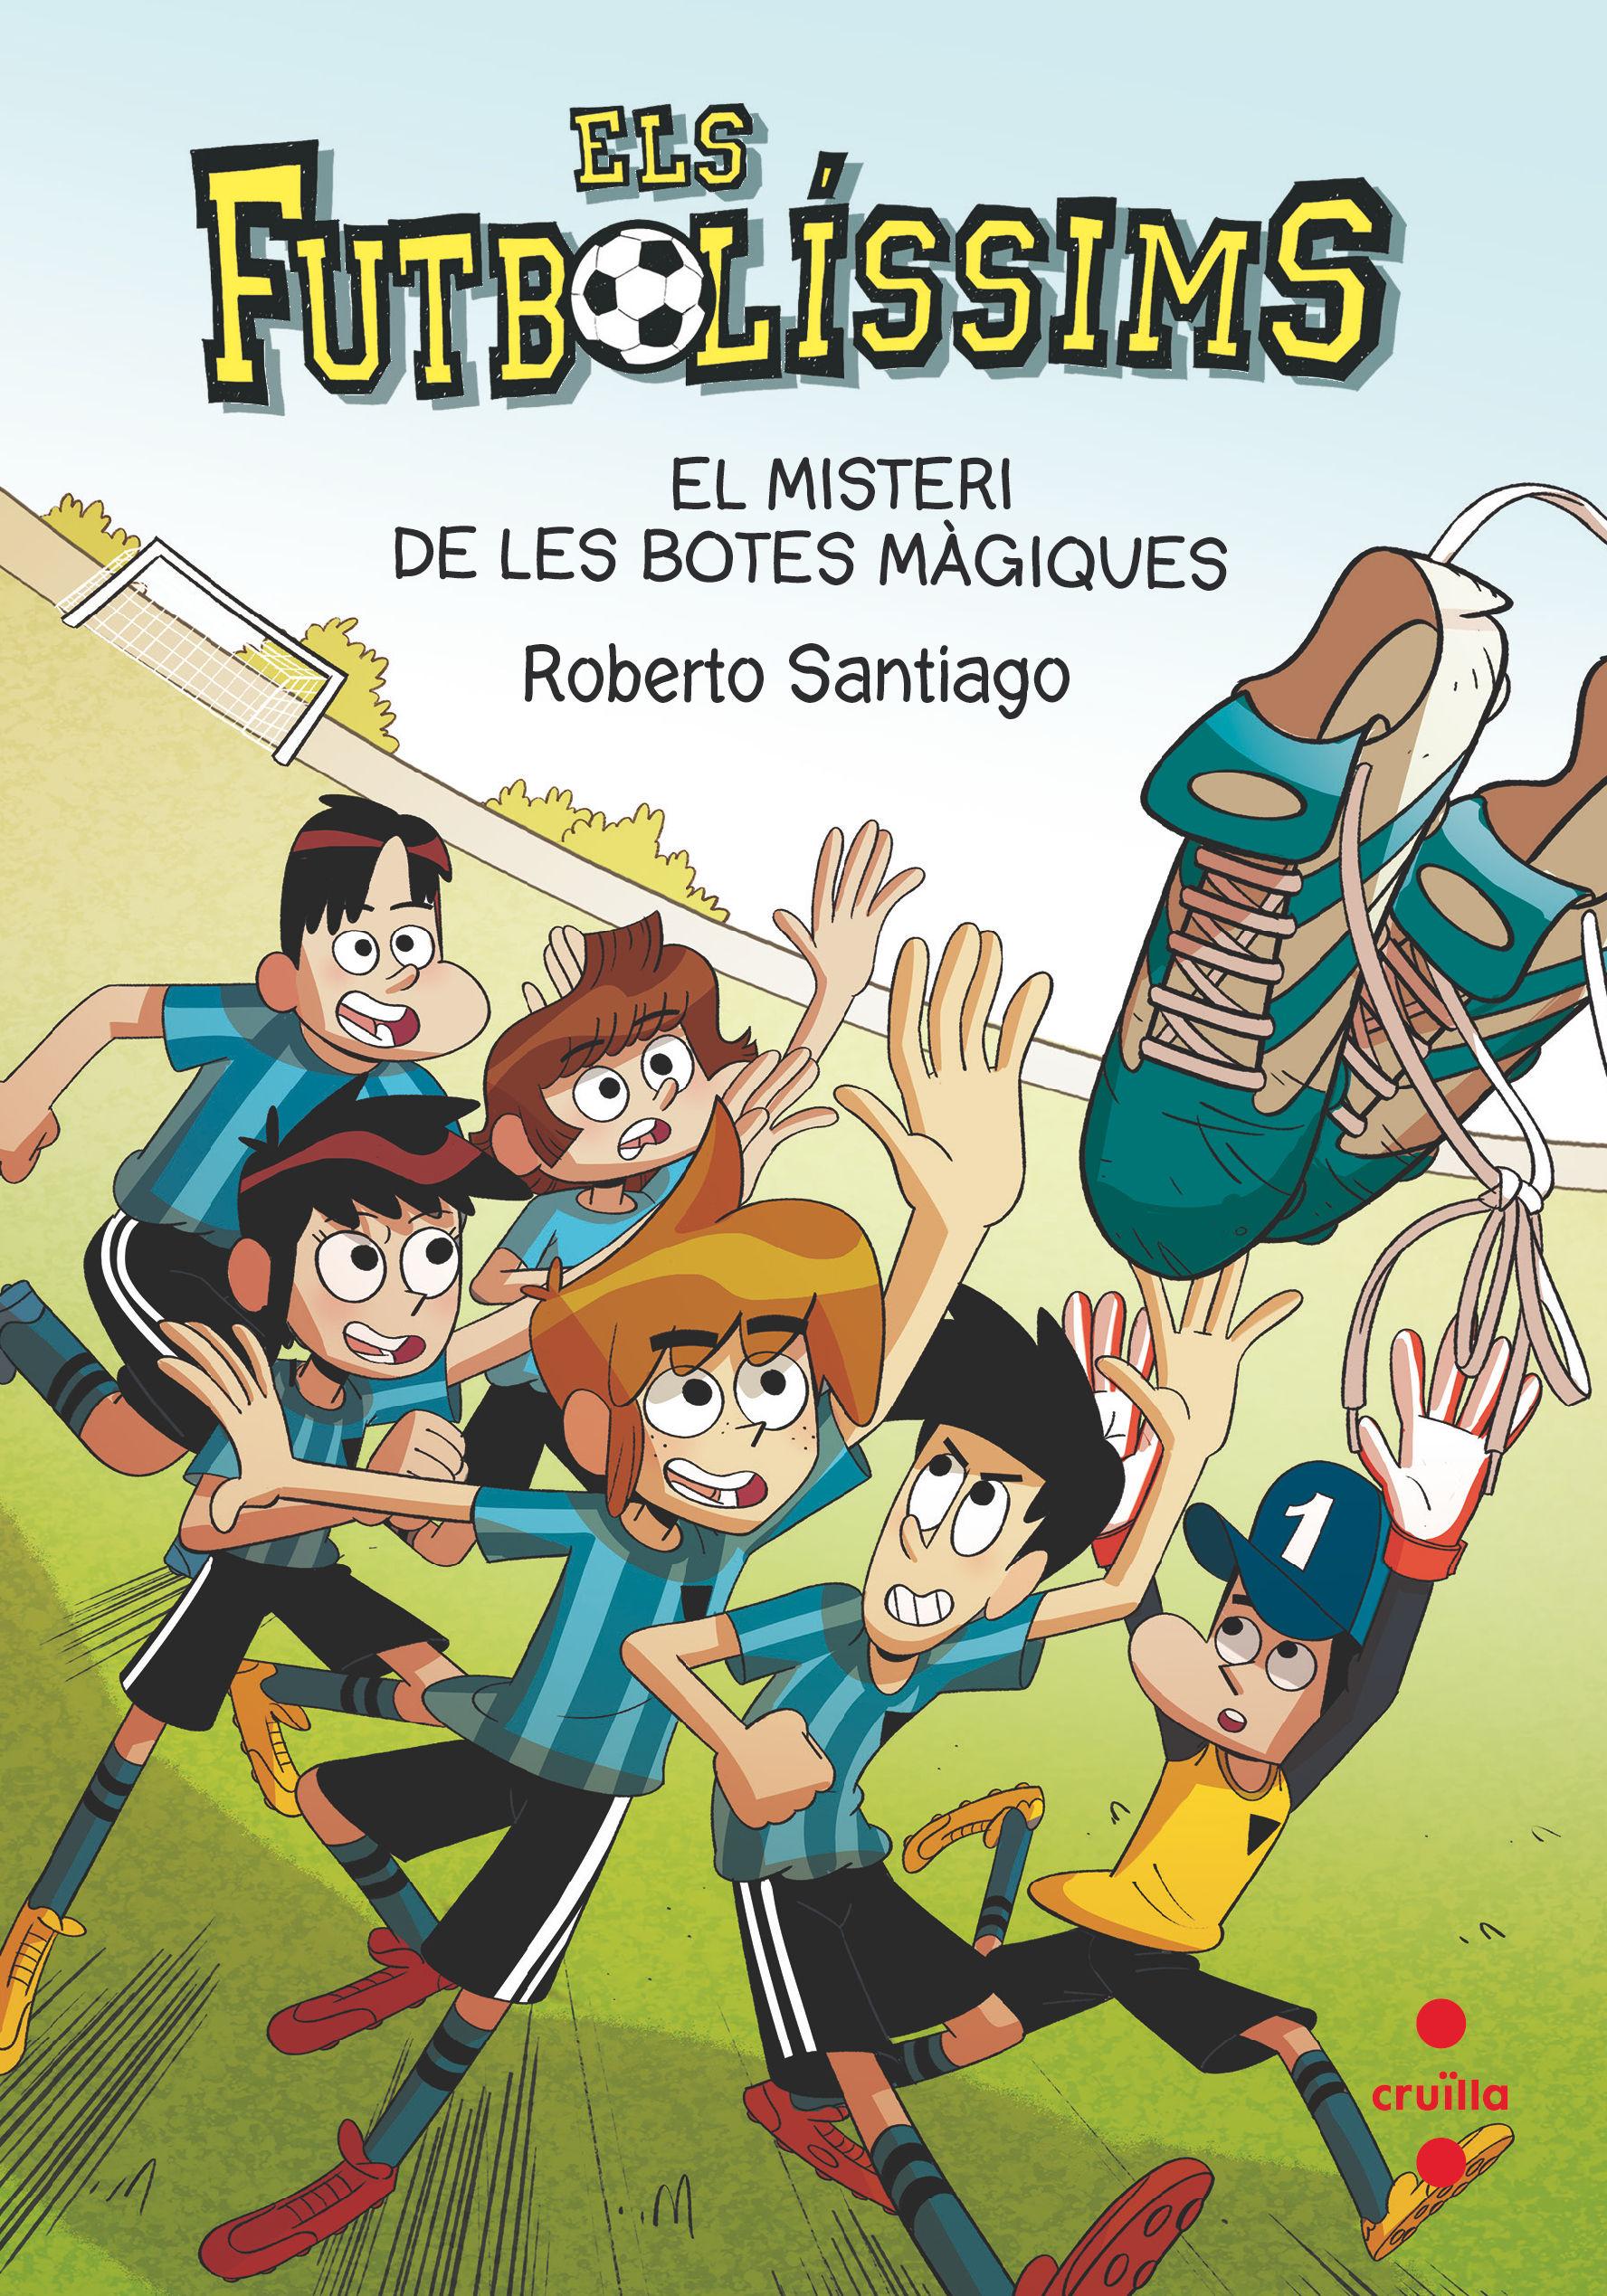 FUTBOLISSIMS 17 EL MISTERI DE LES BOTES MAGIQUES